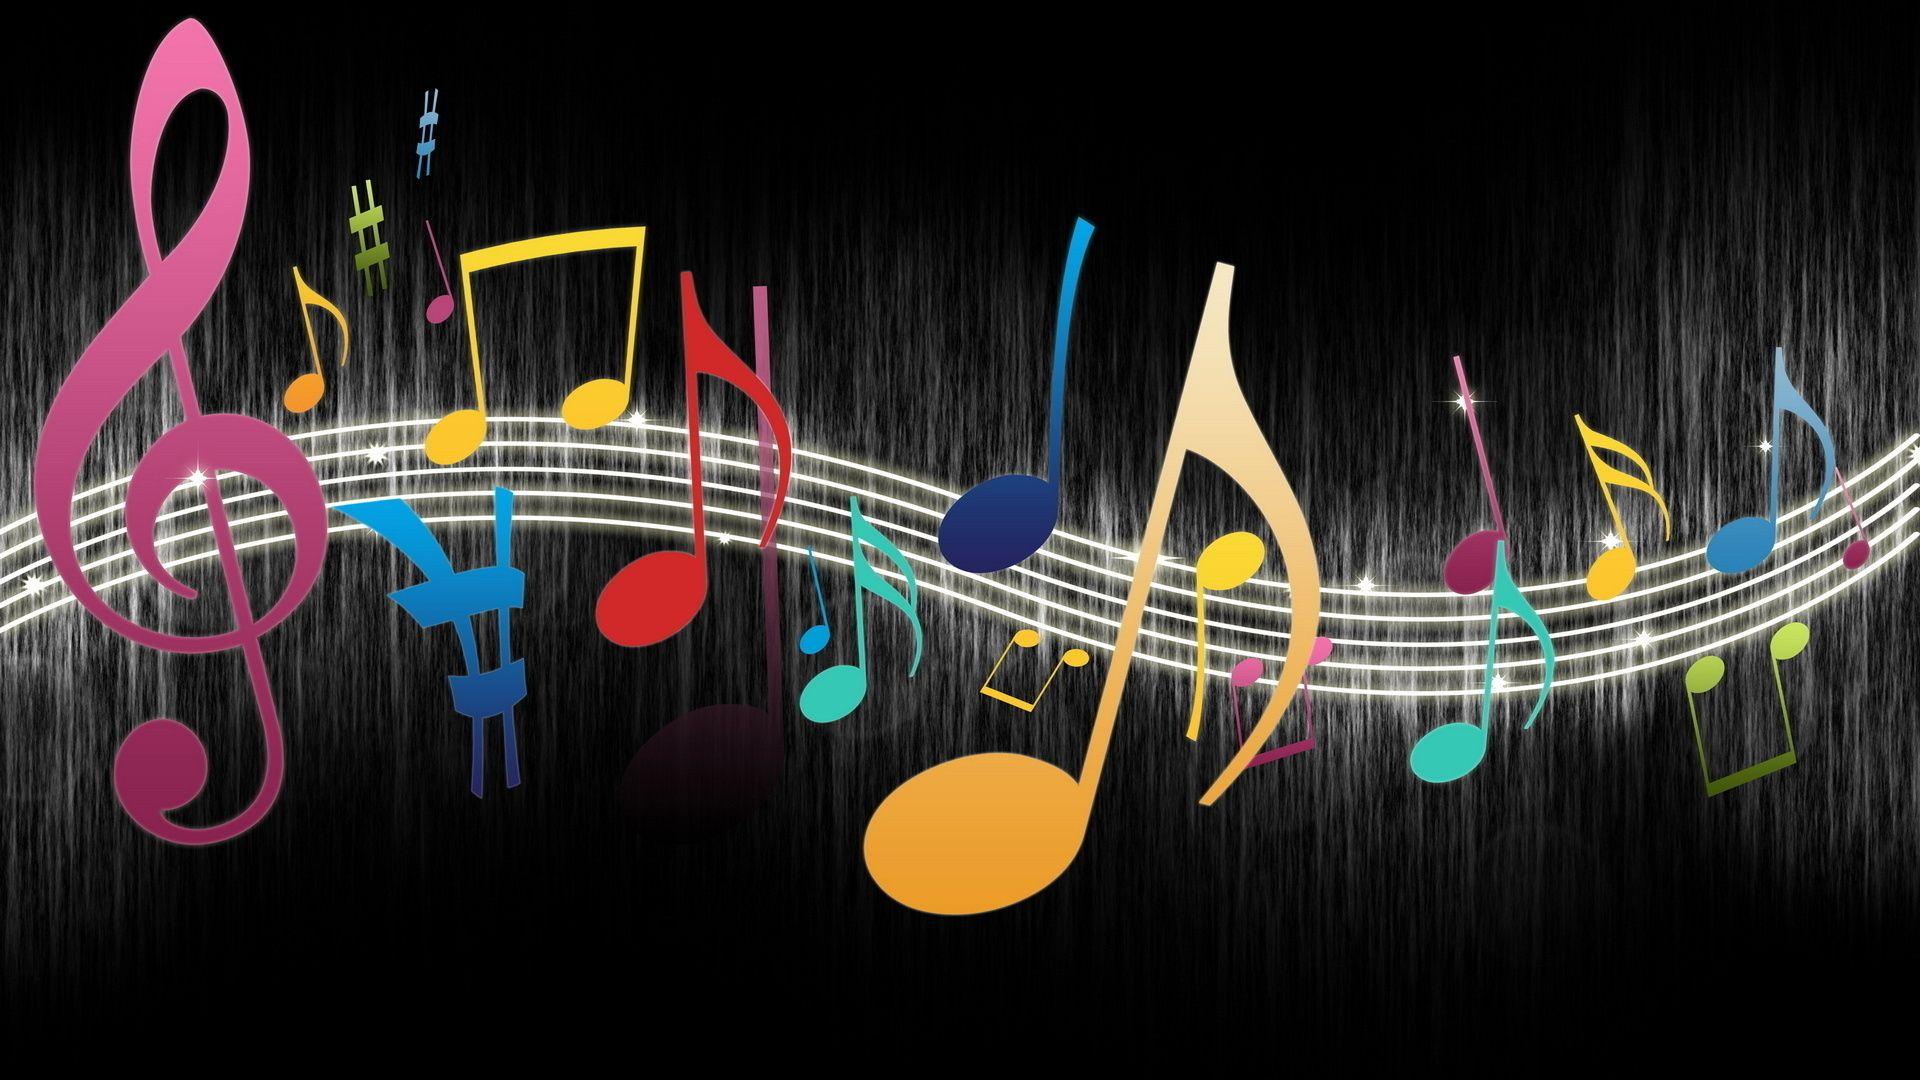 Music background image